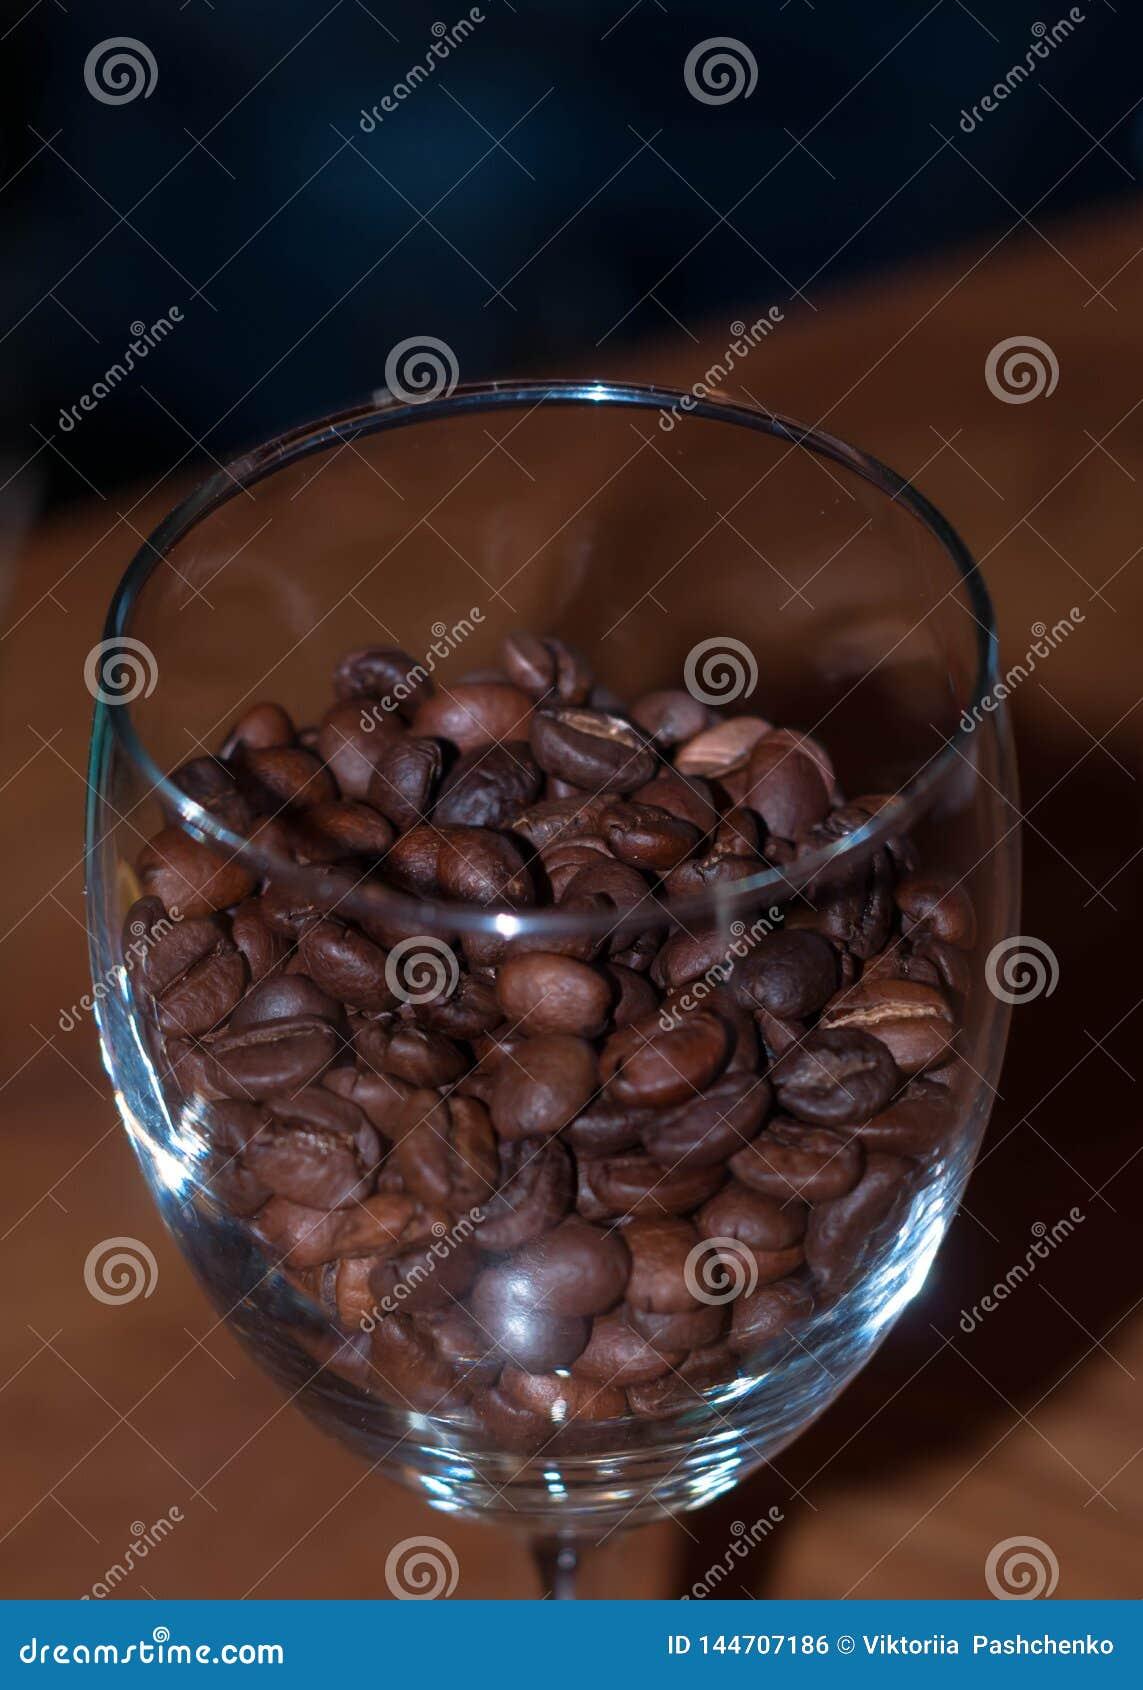 关闭与棕色咖啡豆的水晶酒杯